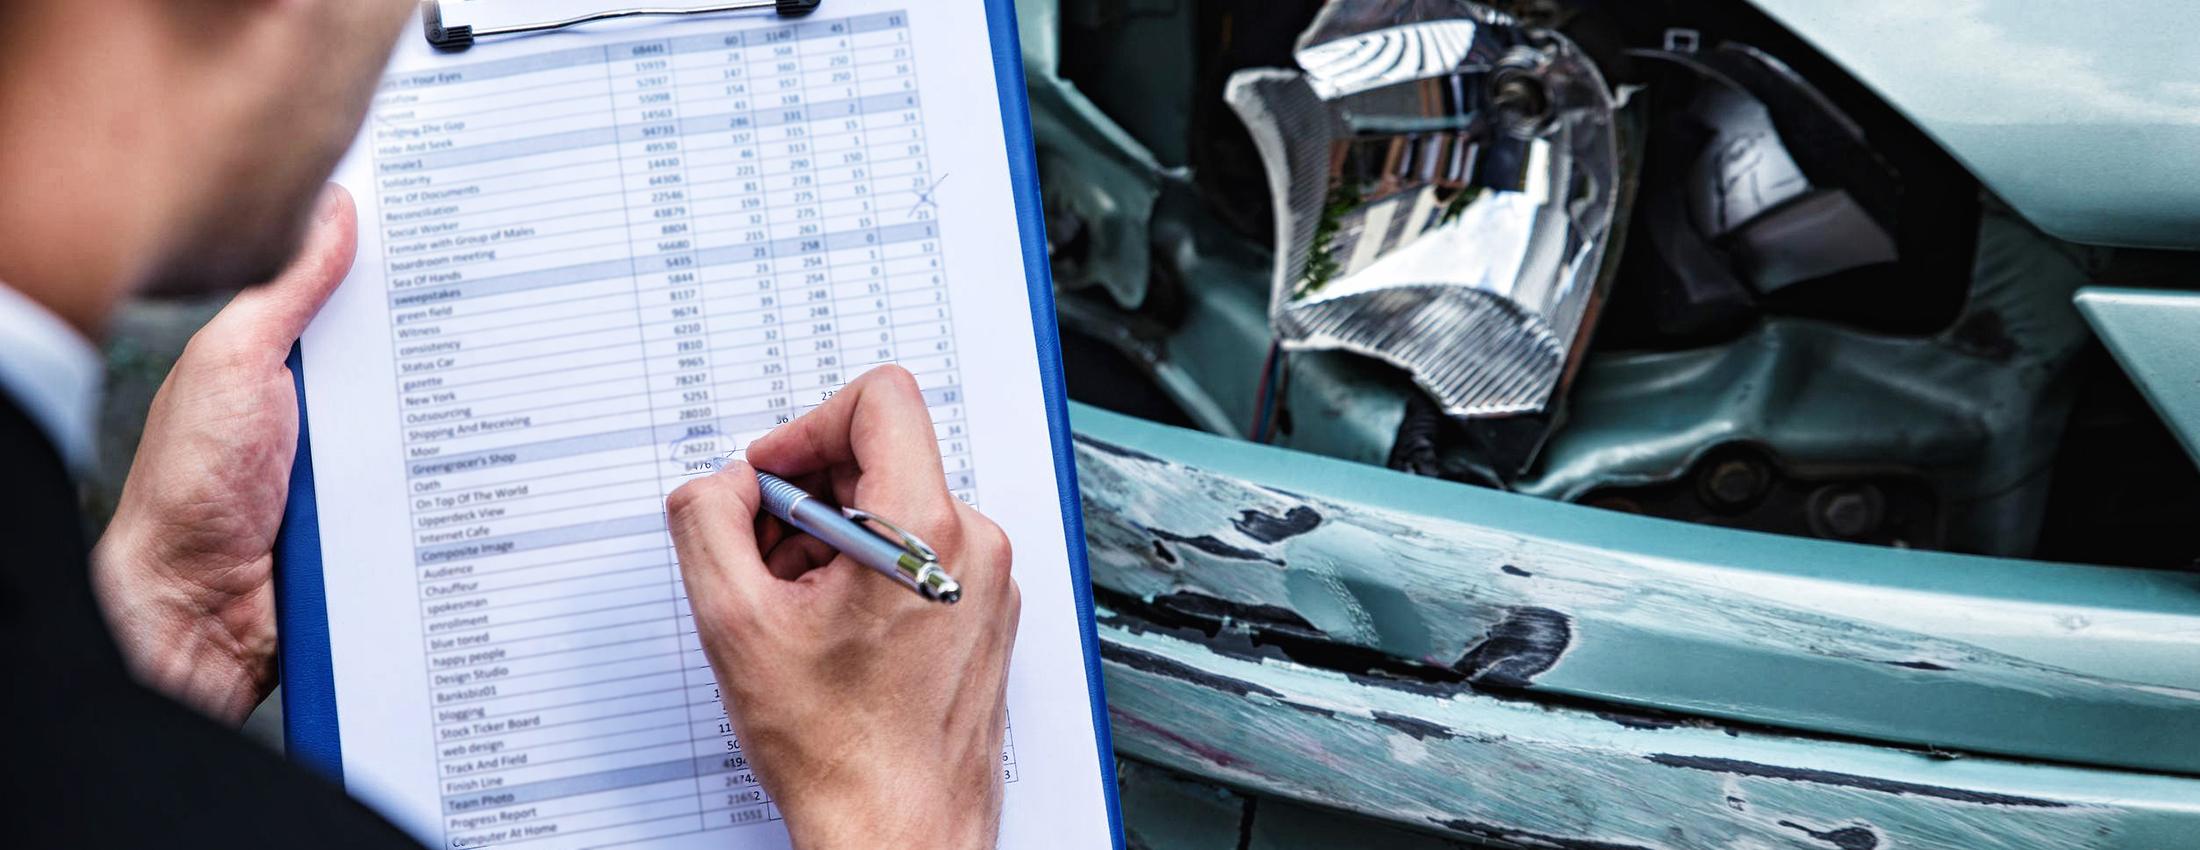 эксперт по оценке ущерба автомобилей